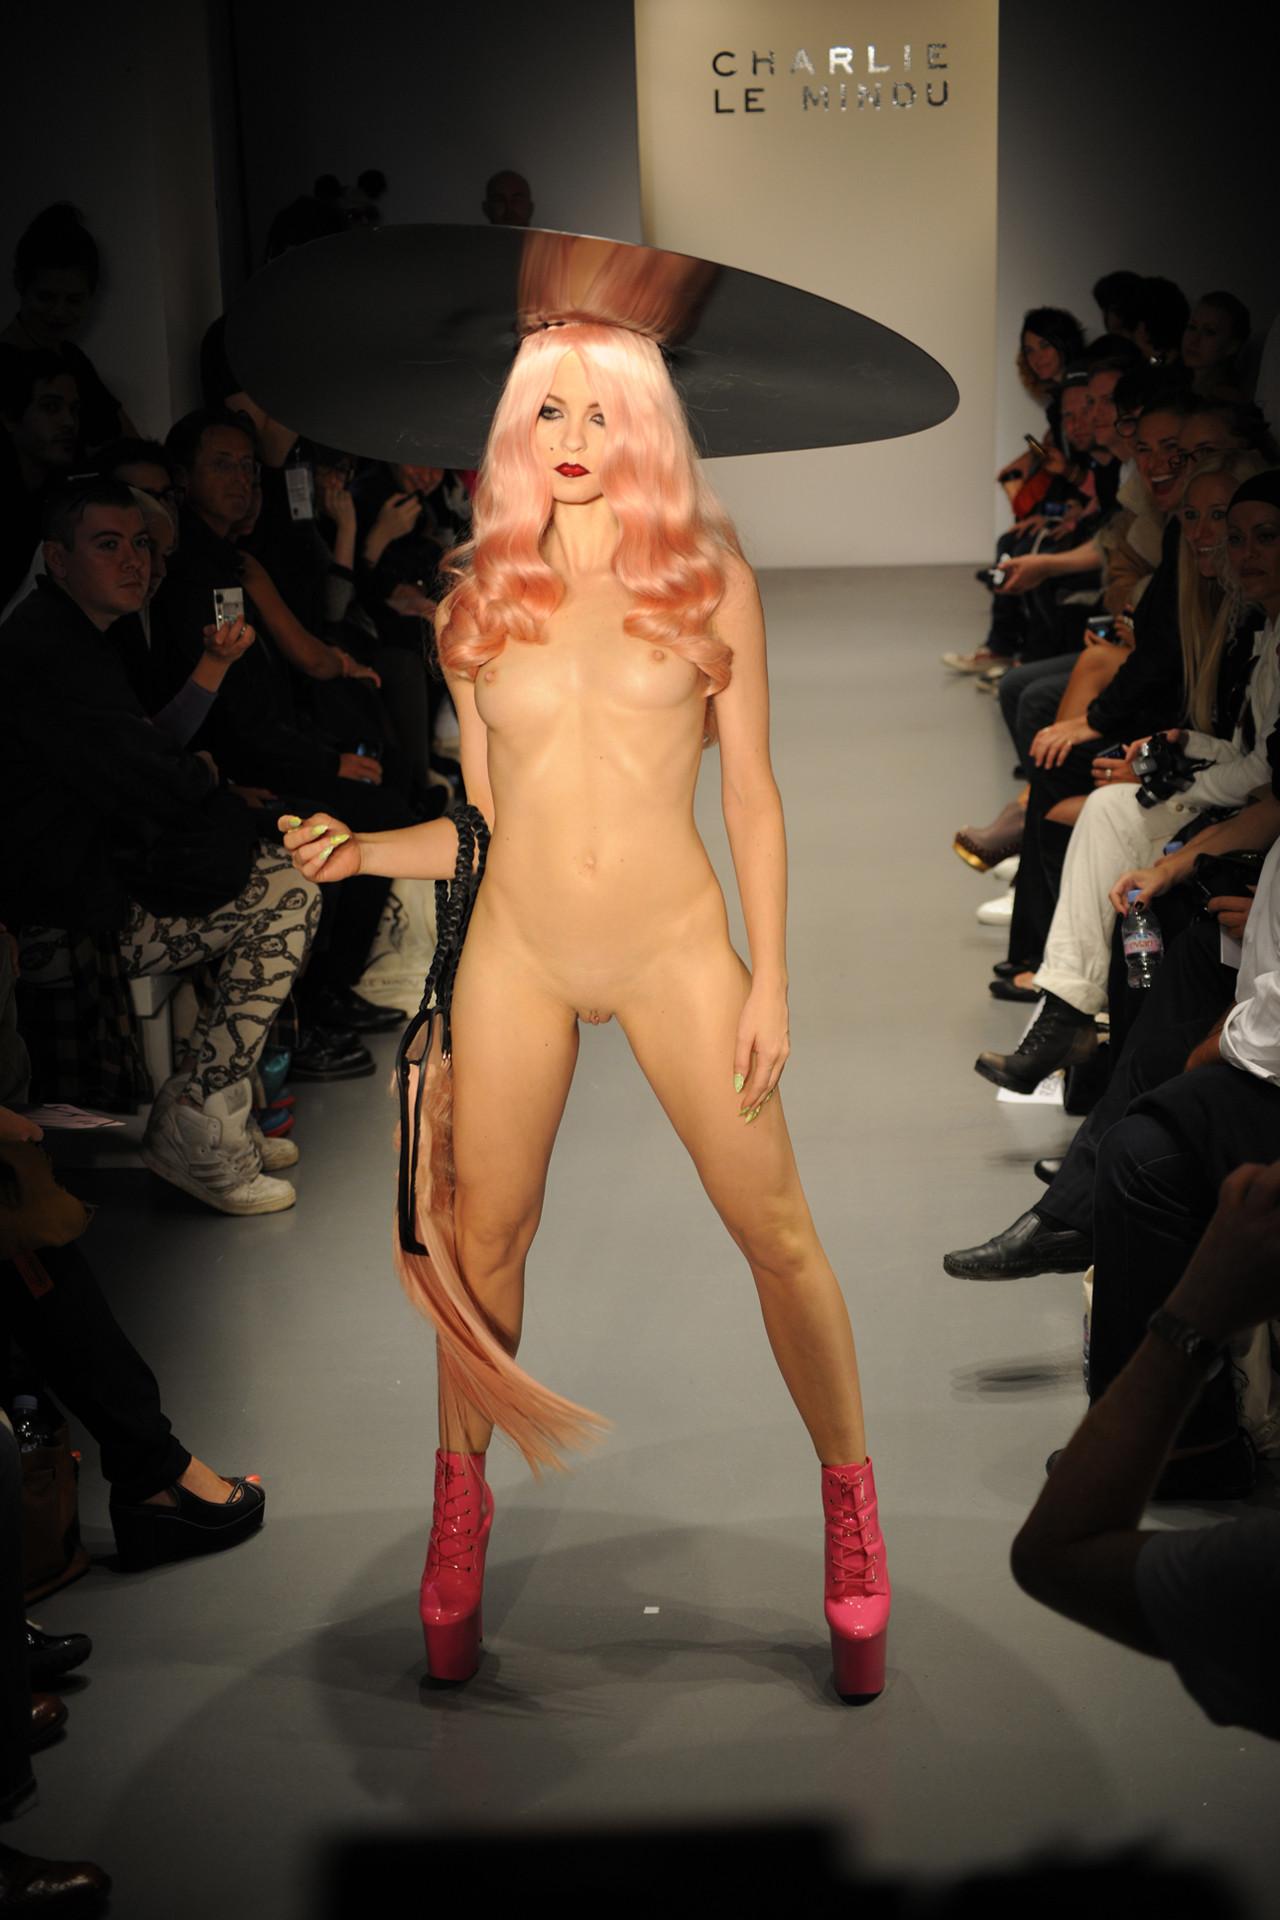 Посматреть бесплатно показ моды онлайн эротика фото 670-441